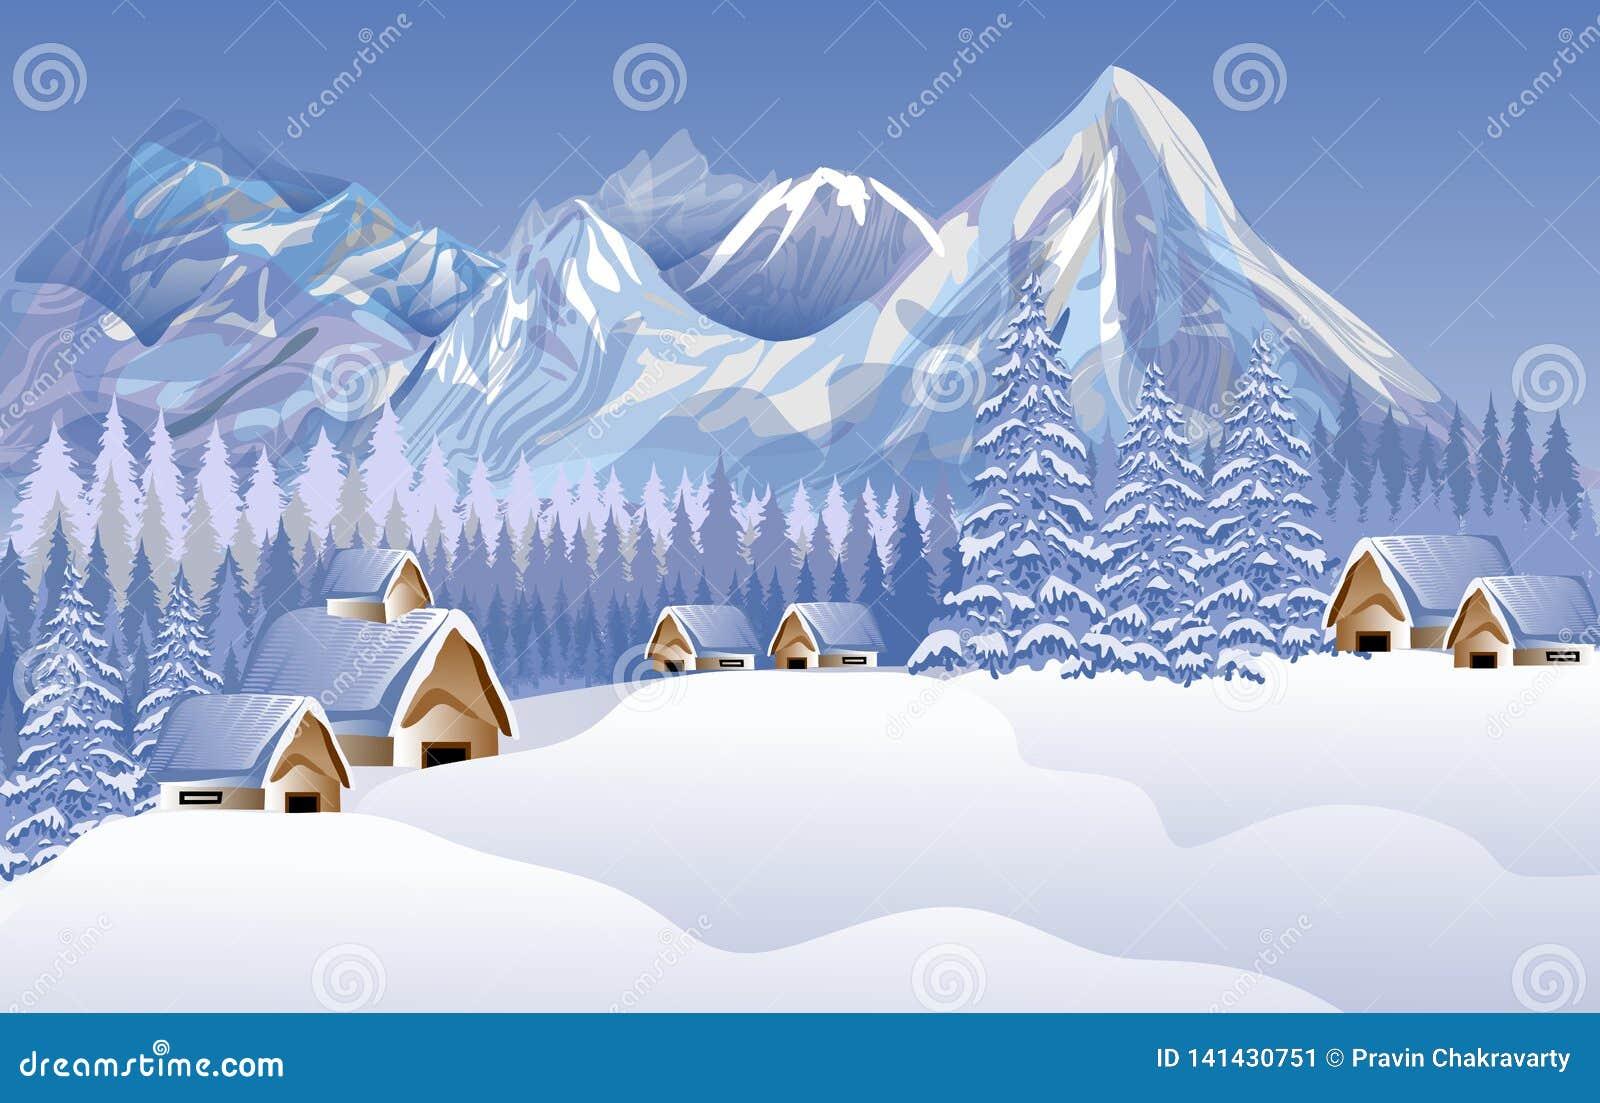 Abstrakt landskap för glad jul för vektor Hus snö solbränna två för kupor för presentationen för inbjudan för illustrationen för